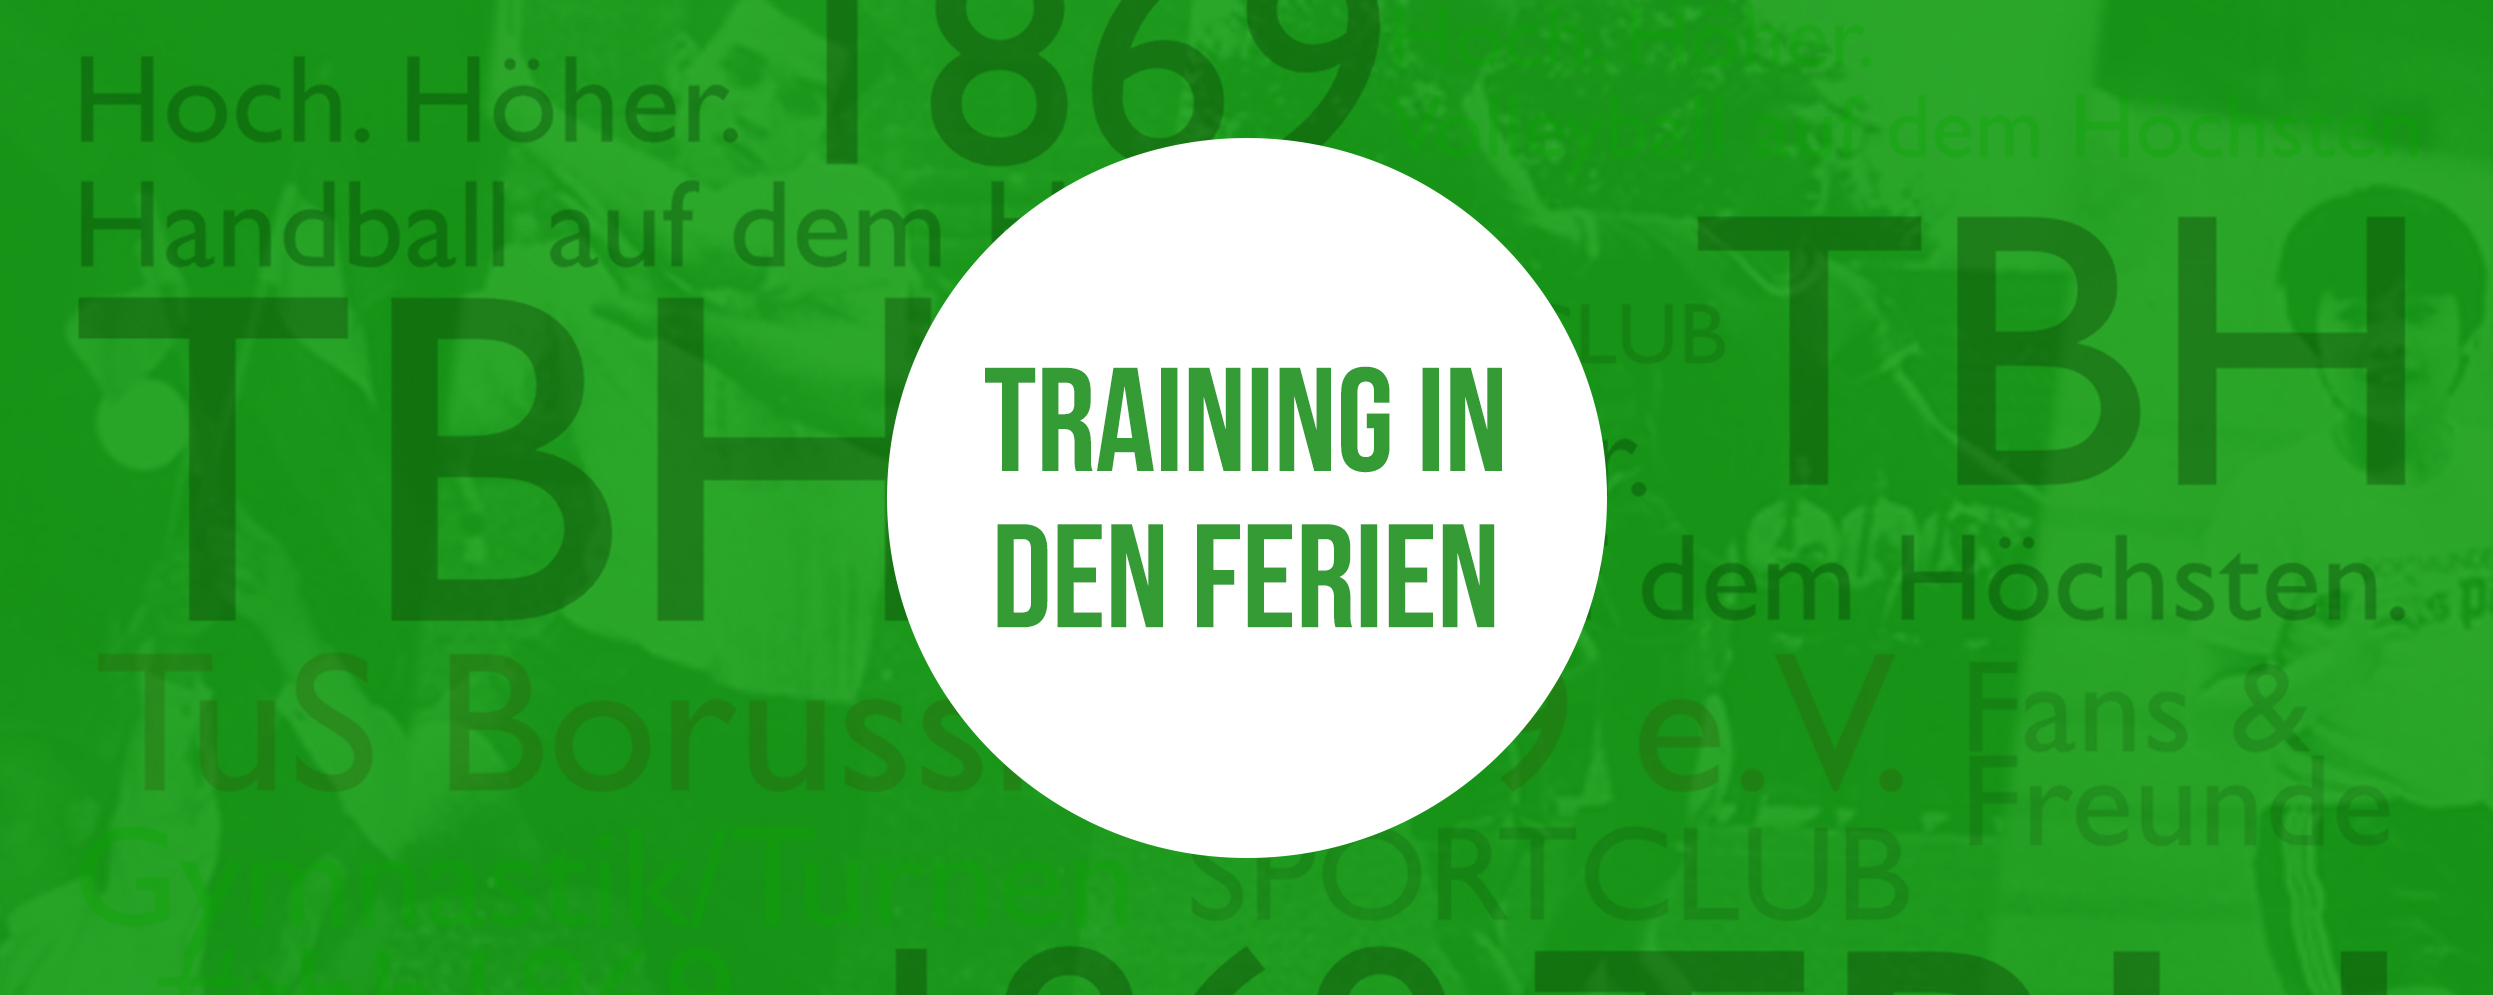 Banner zu Training in den Sommerferien